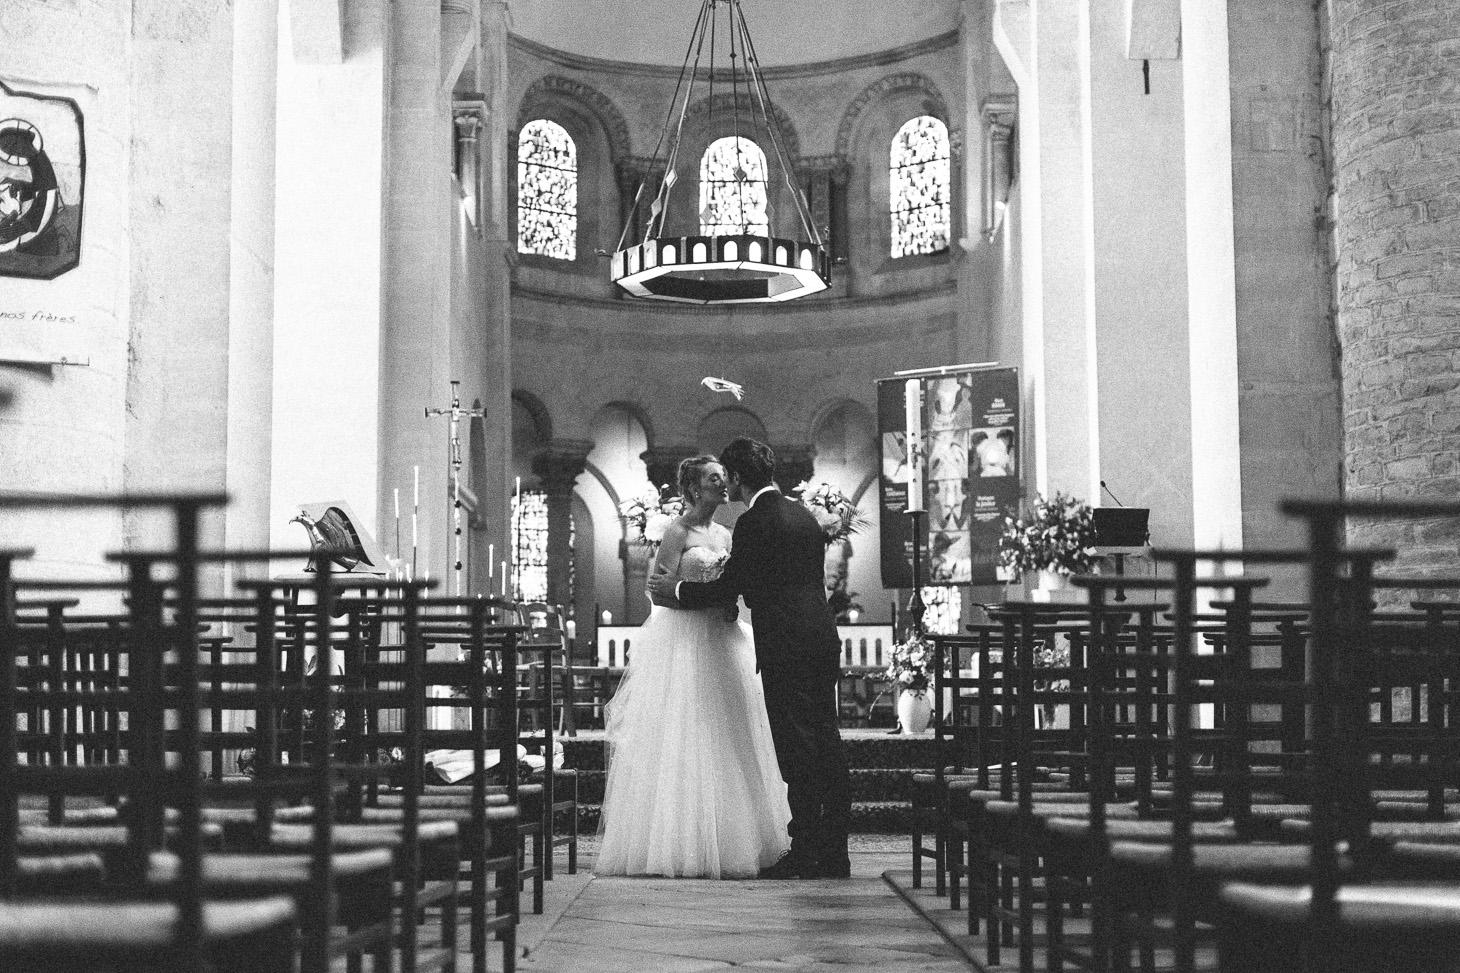 bourgogne_wedding_photographer_chateau_pommard-030